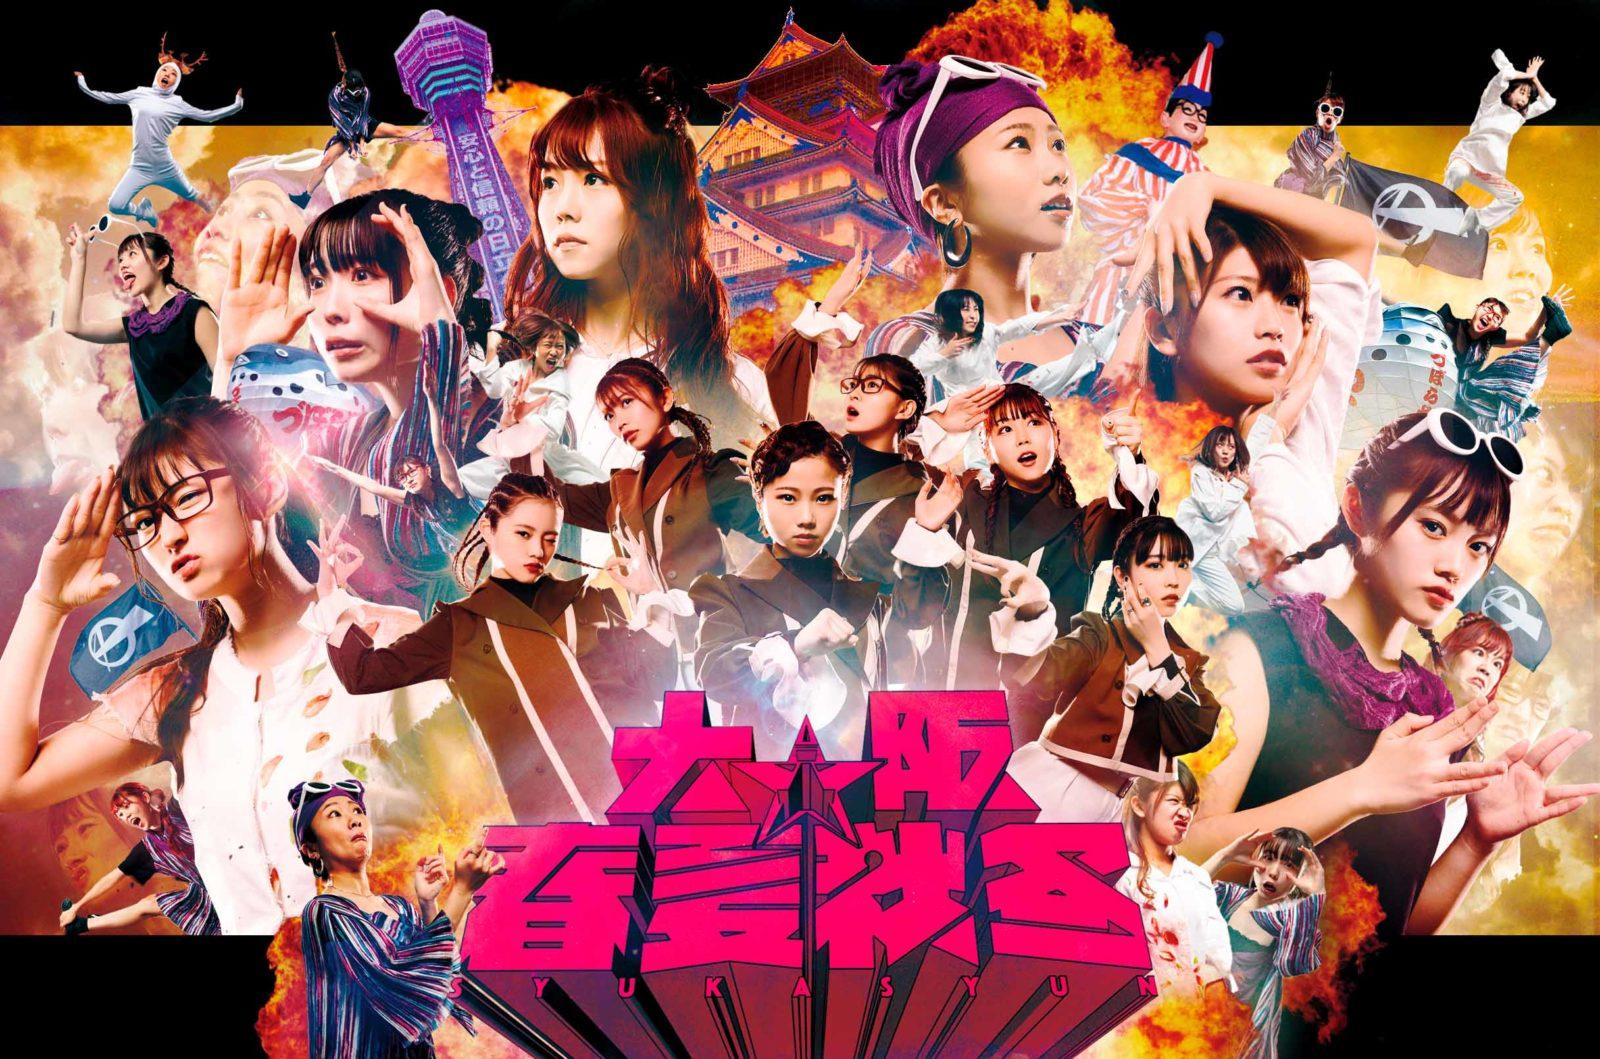 大阪☆春夏秋冬、NEWアルバム発売&オンライン単独ライブ映像も公開サムネイル画像